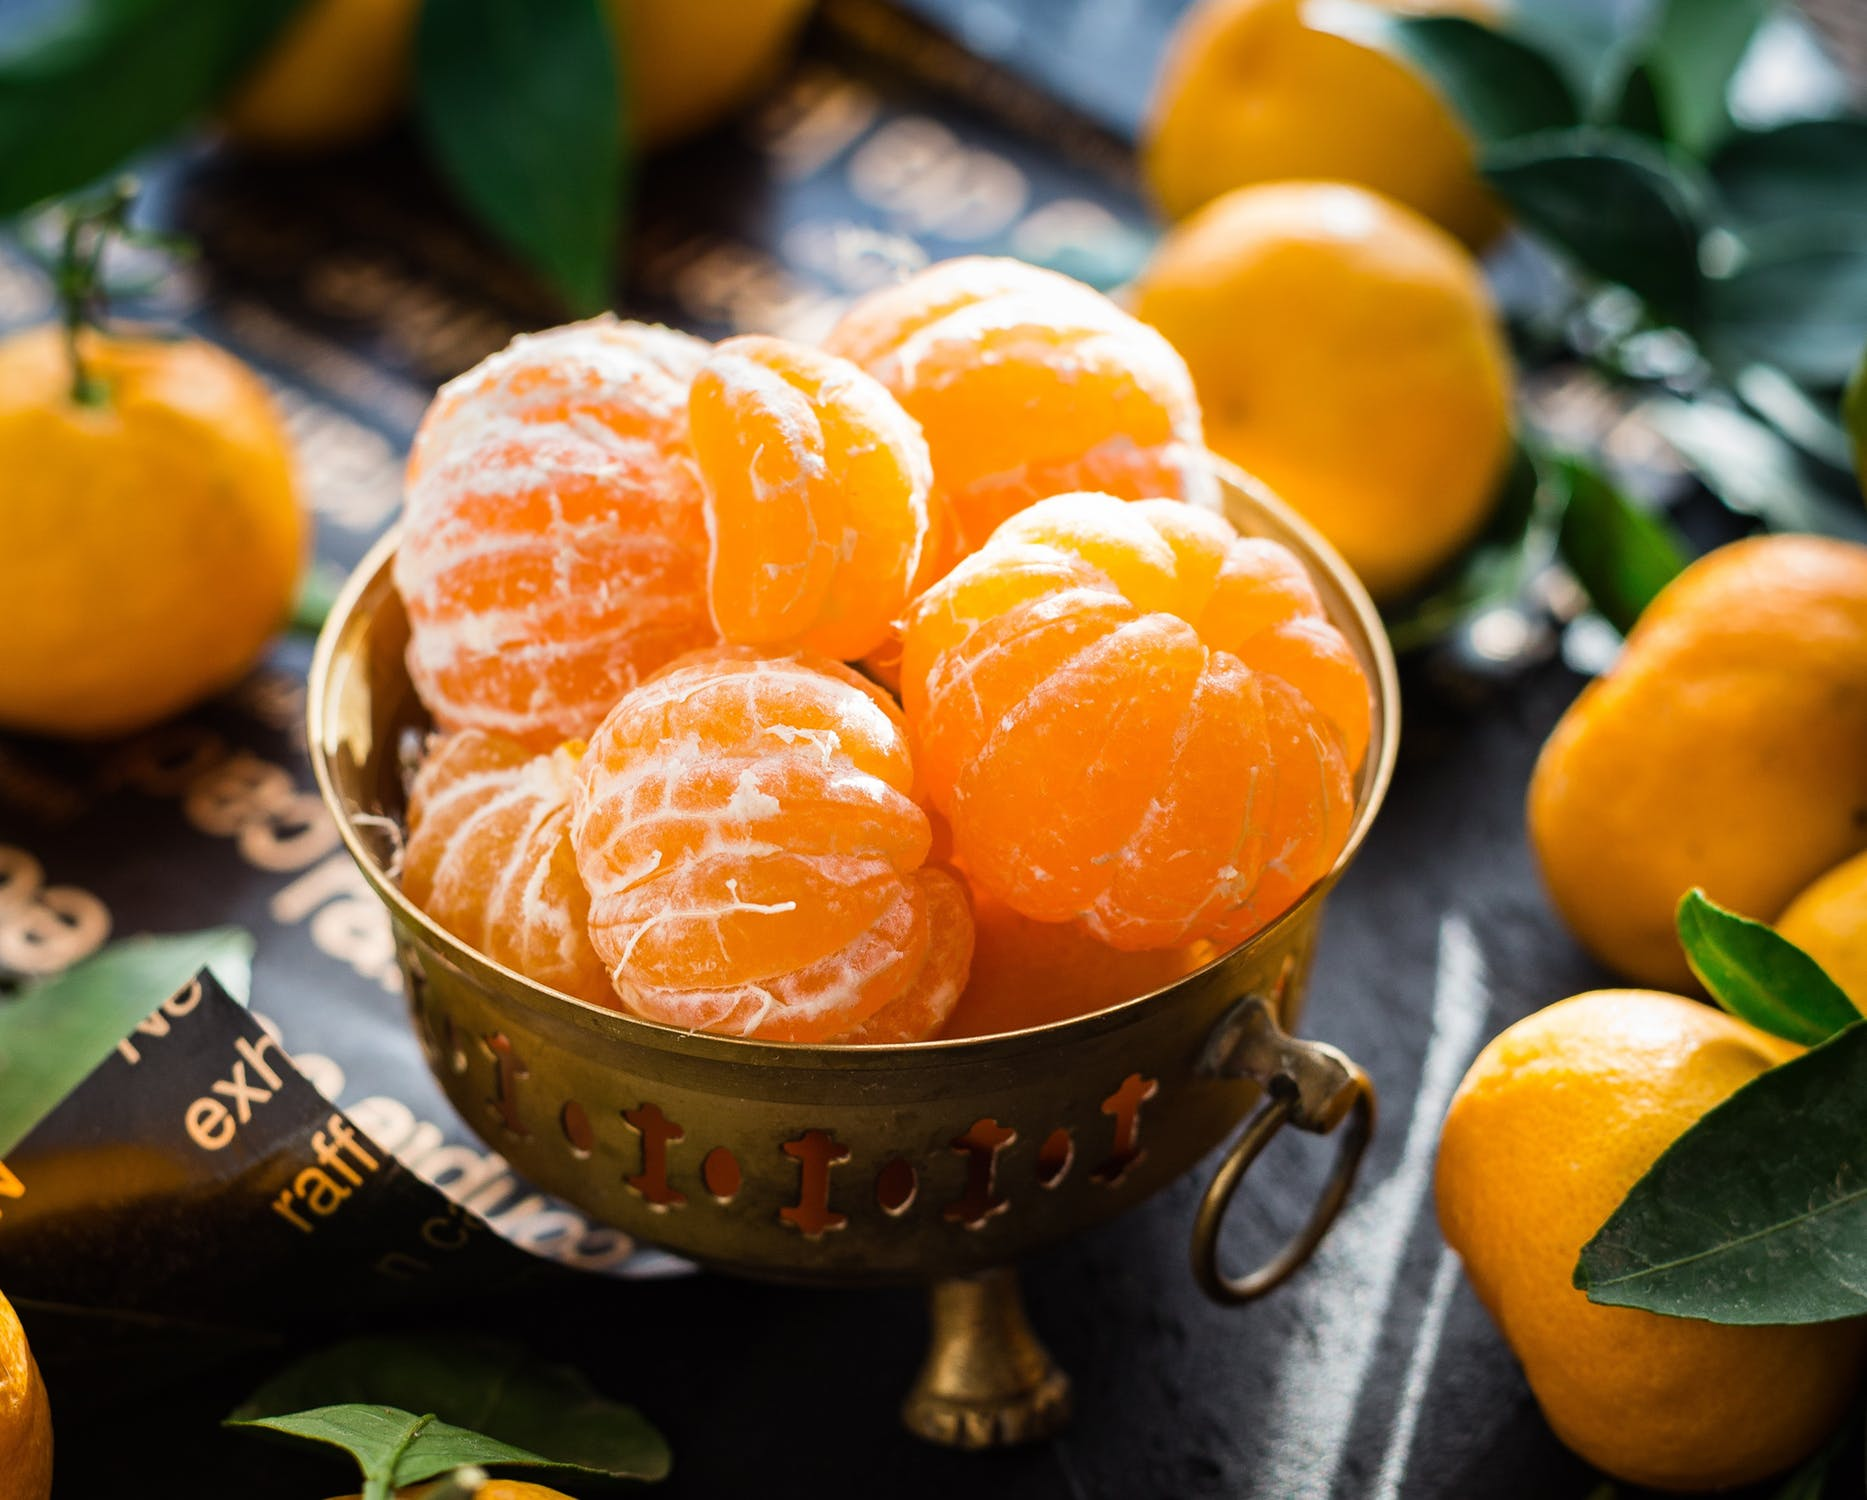 mandarinele te fac să pierzi în greutate pierde 4lb o pierdere în greutate săptămână